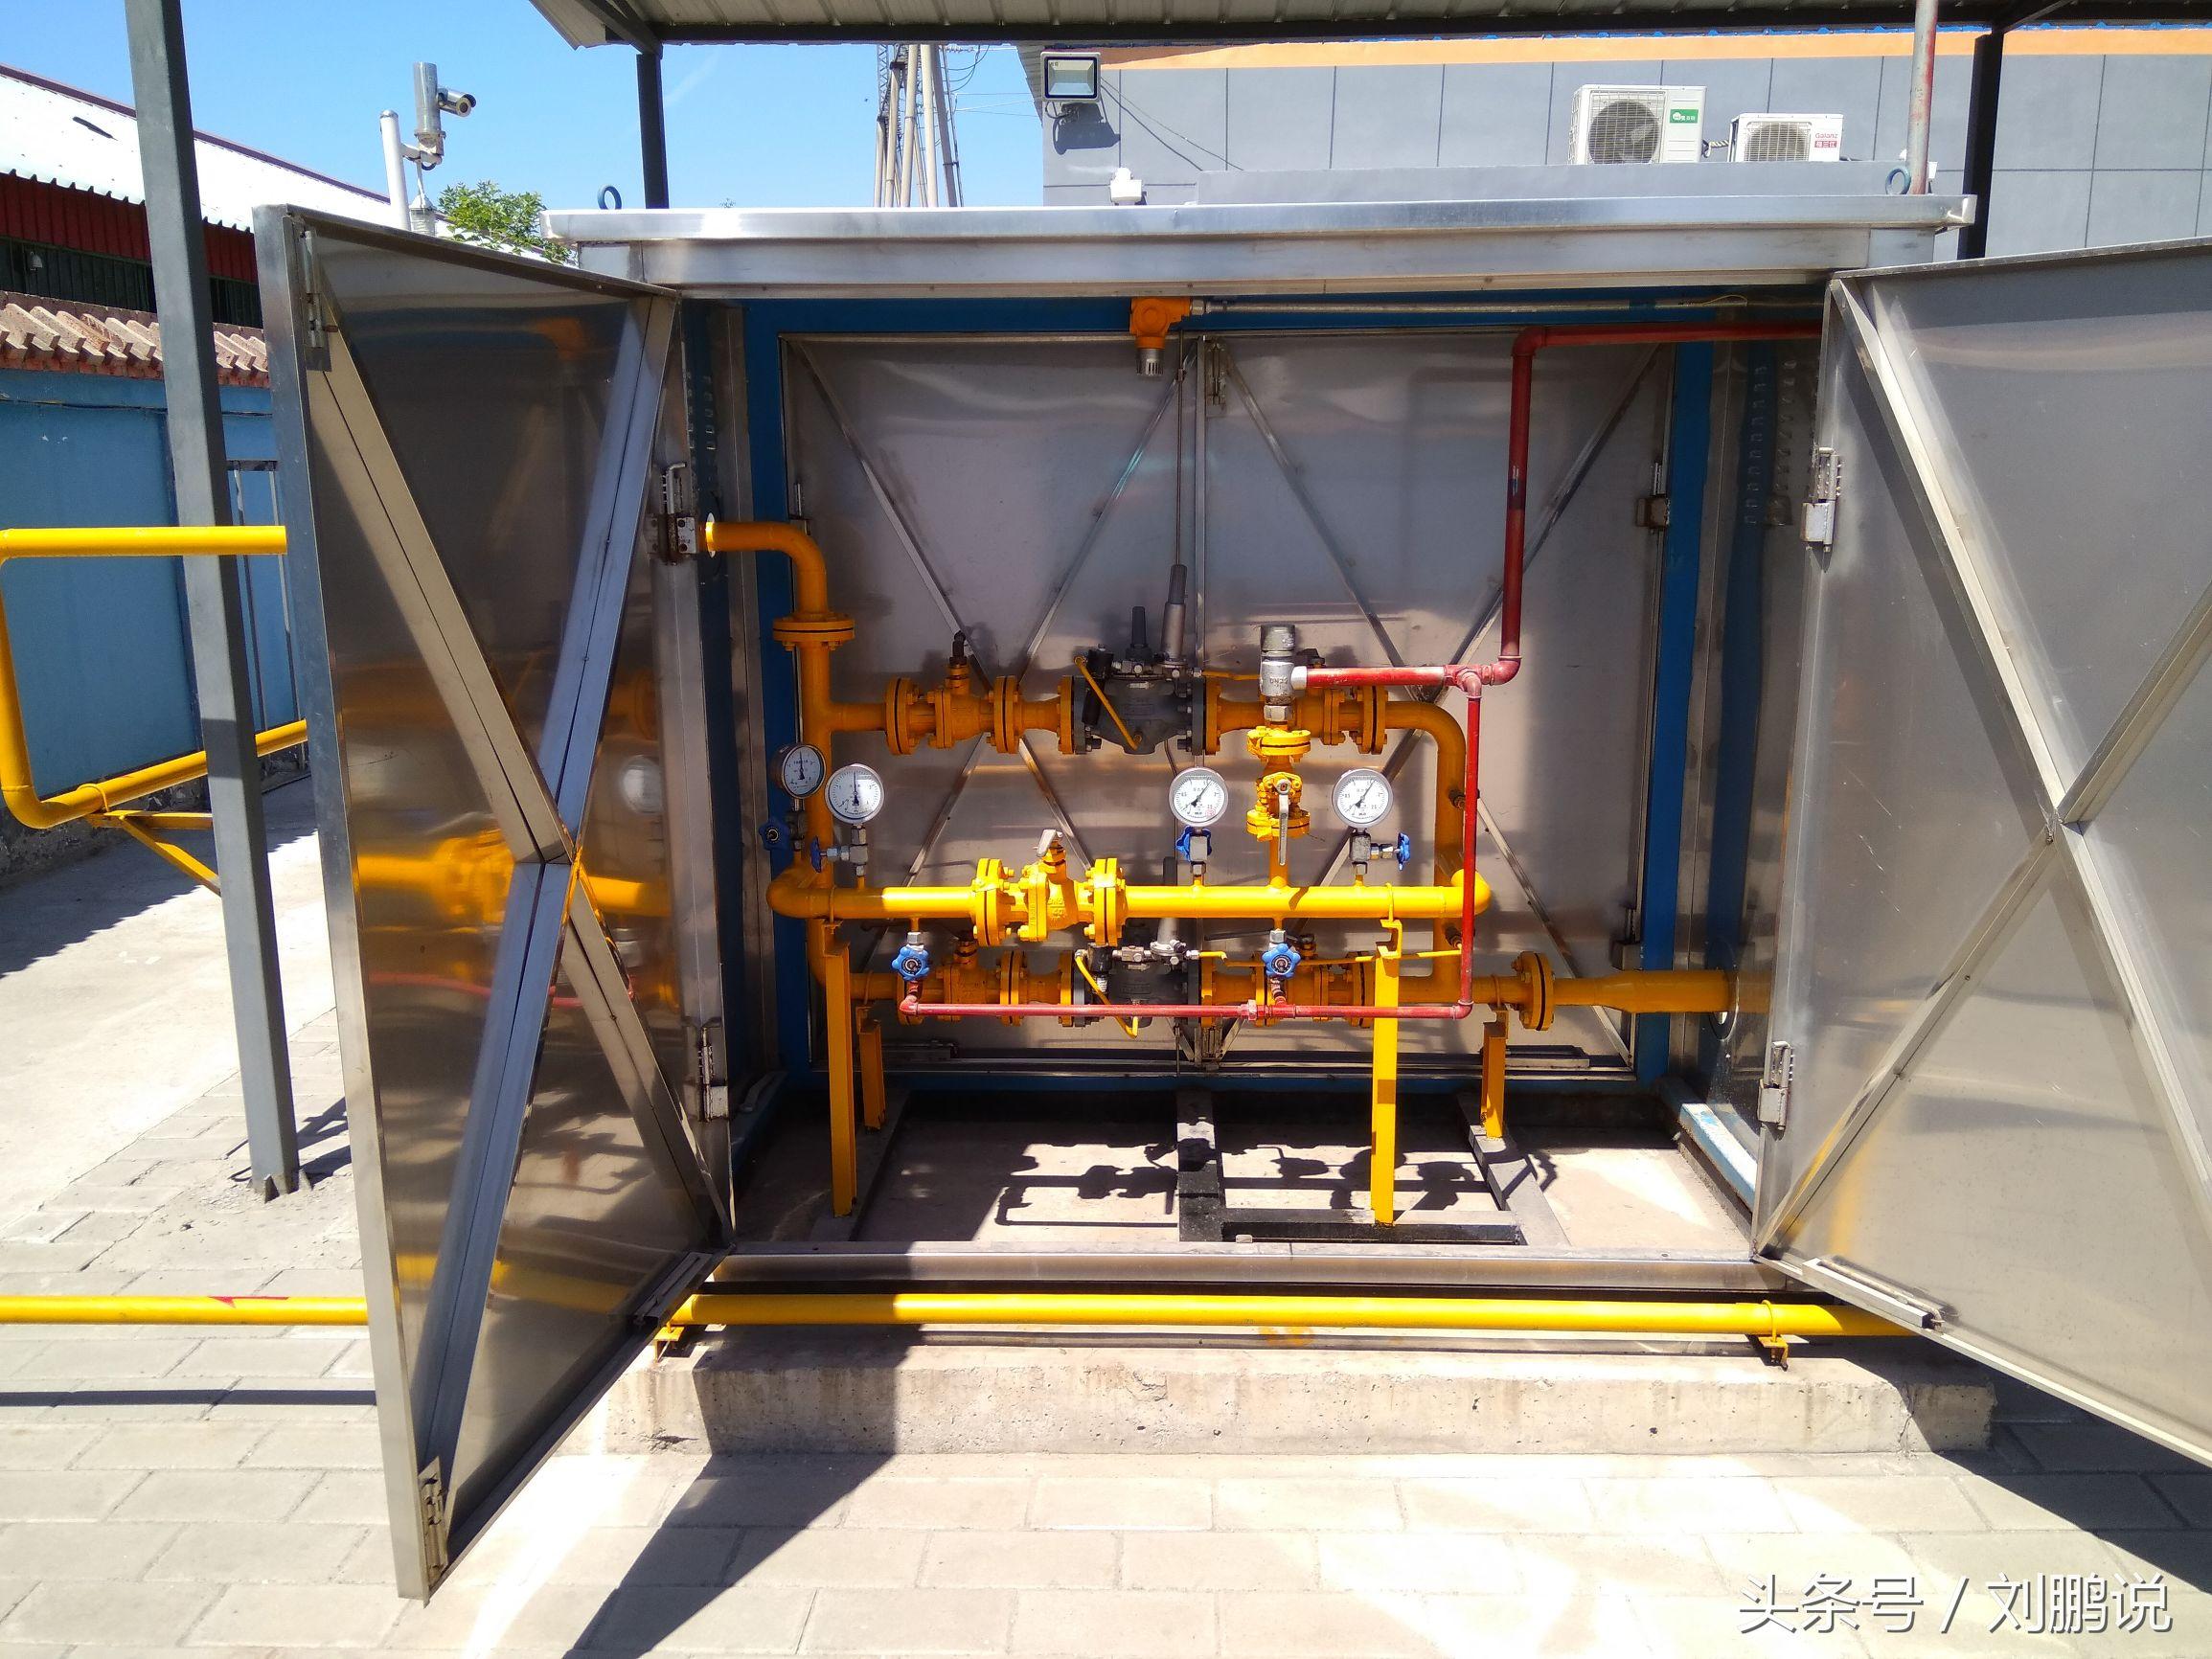 申請銷售燃氣凈化器需要什么前置許可?